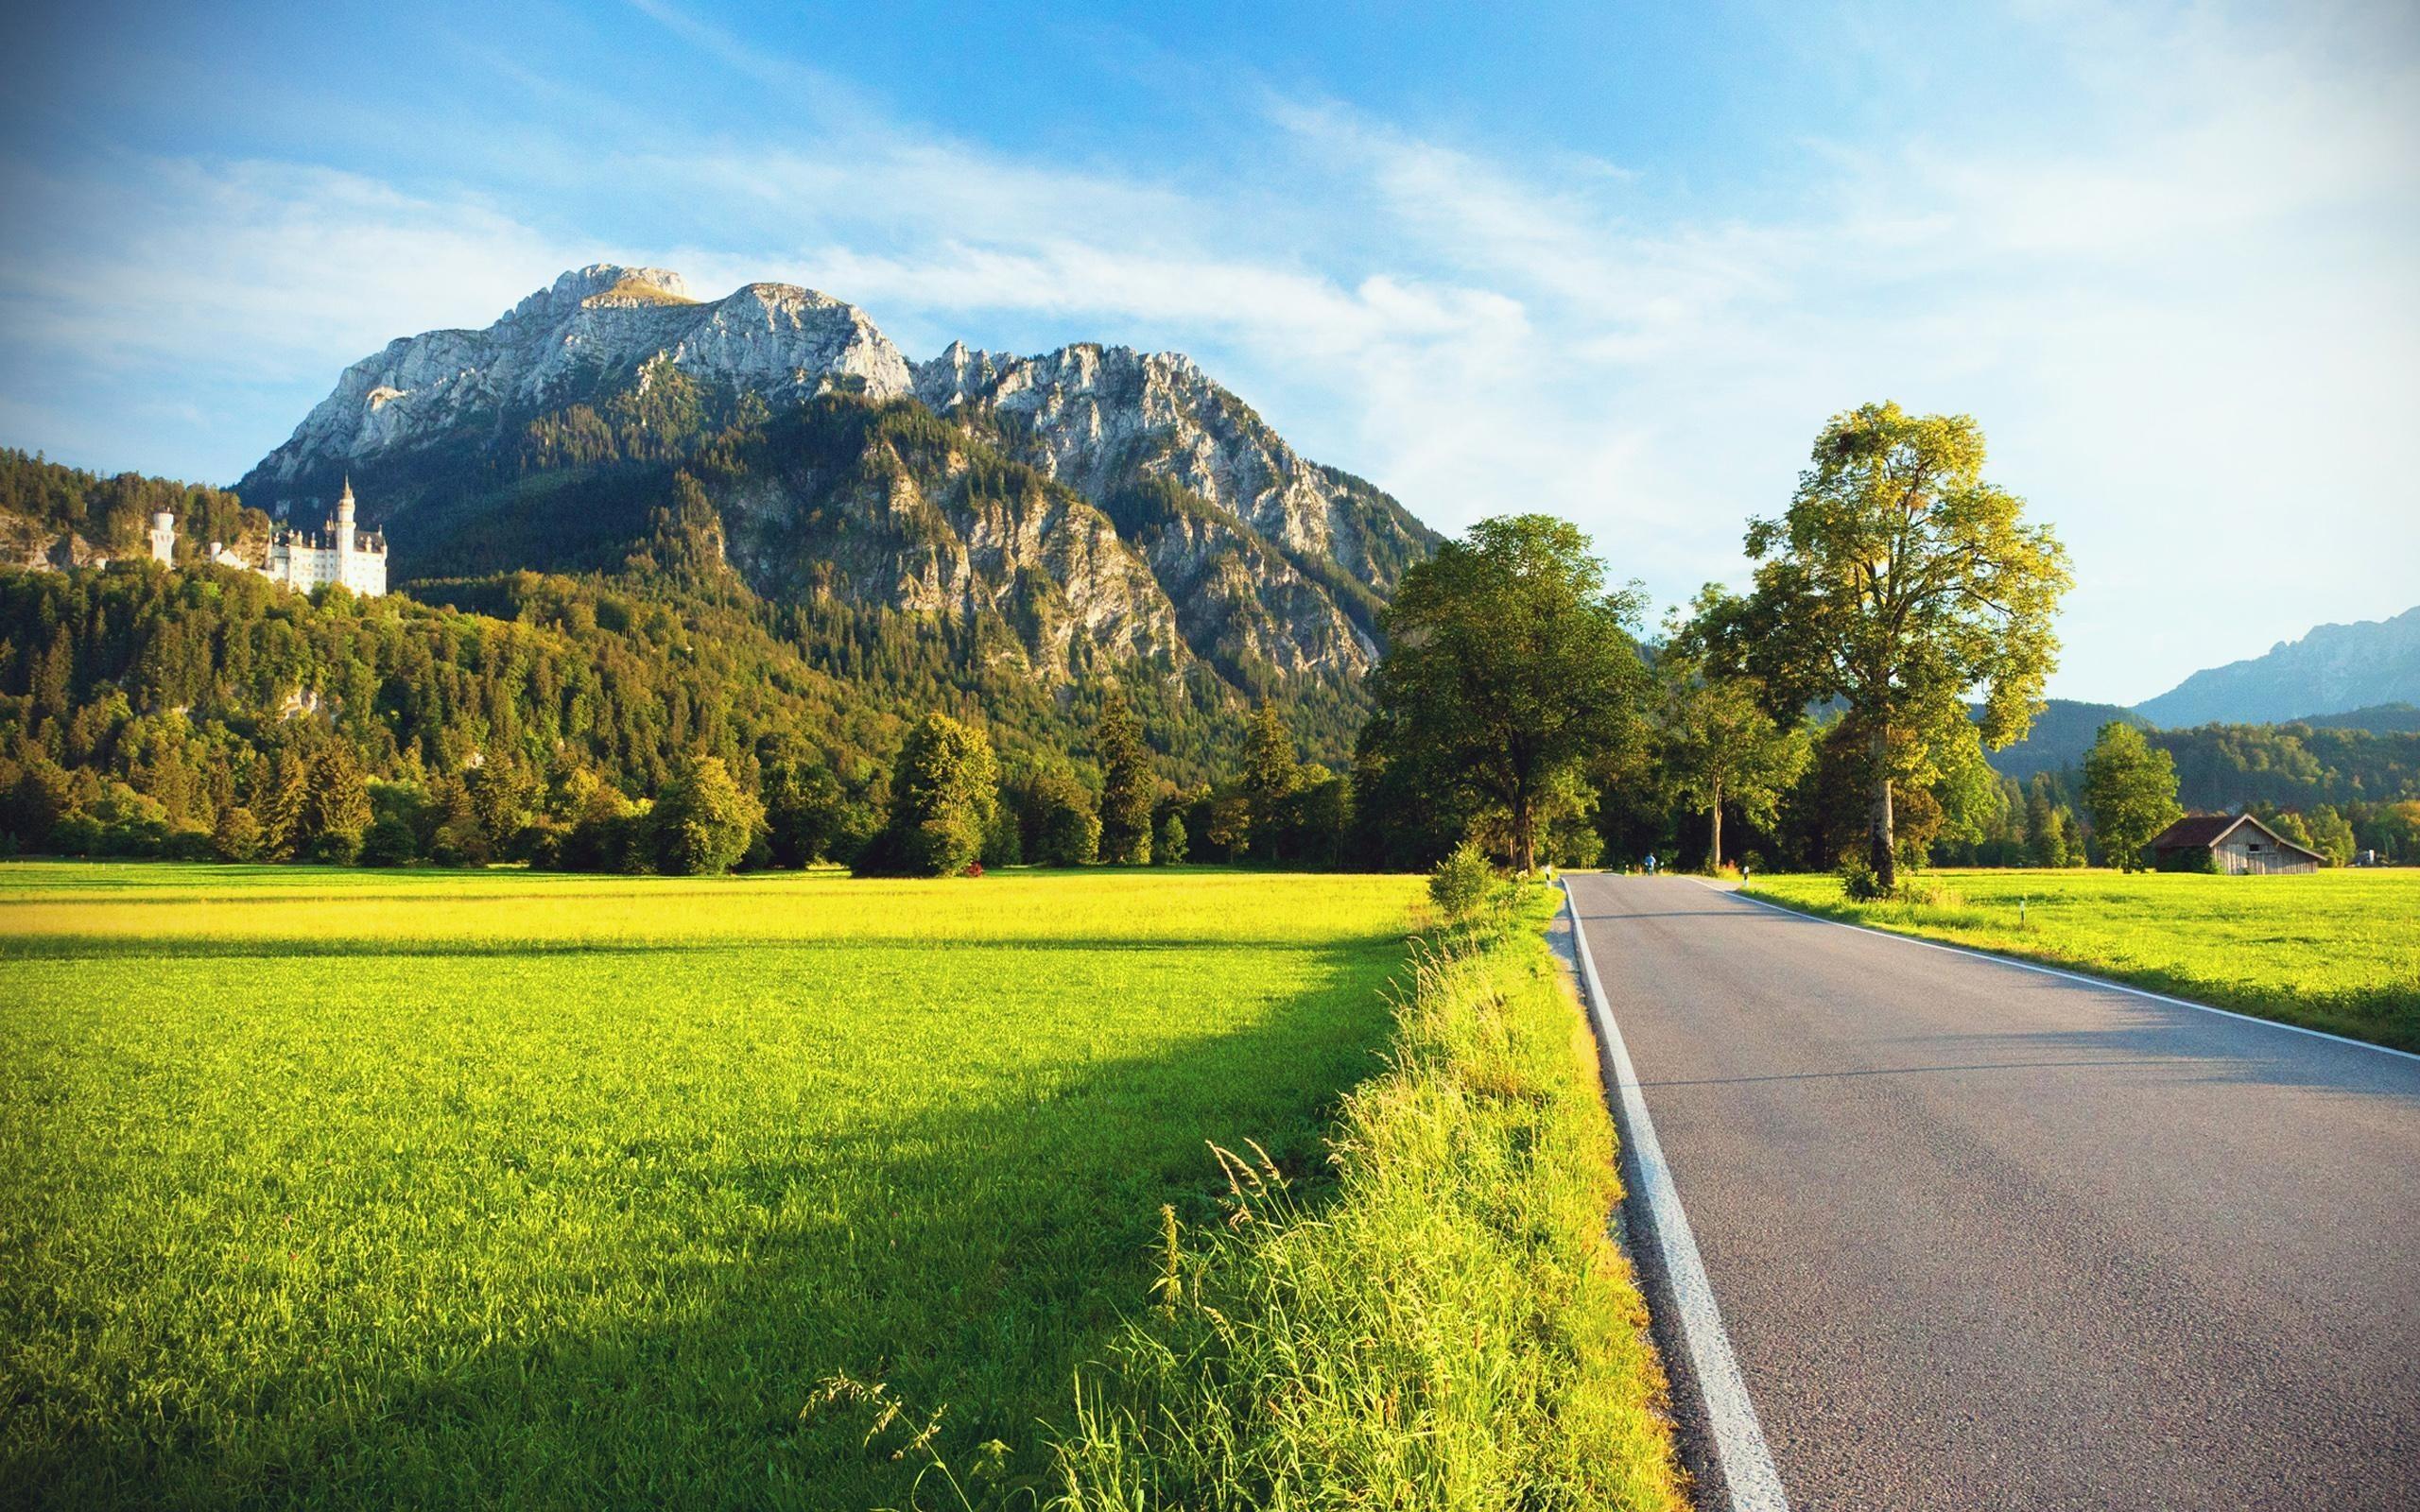 стручки красивые картинки дорога пейзаж днём